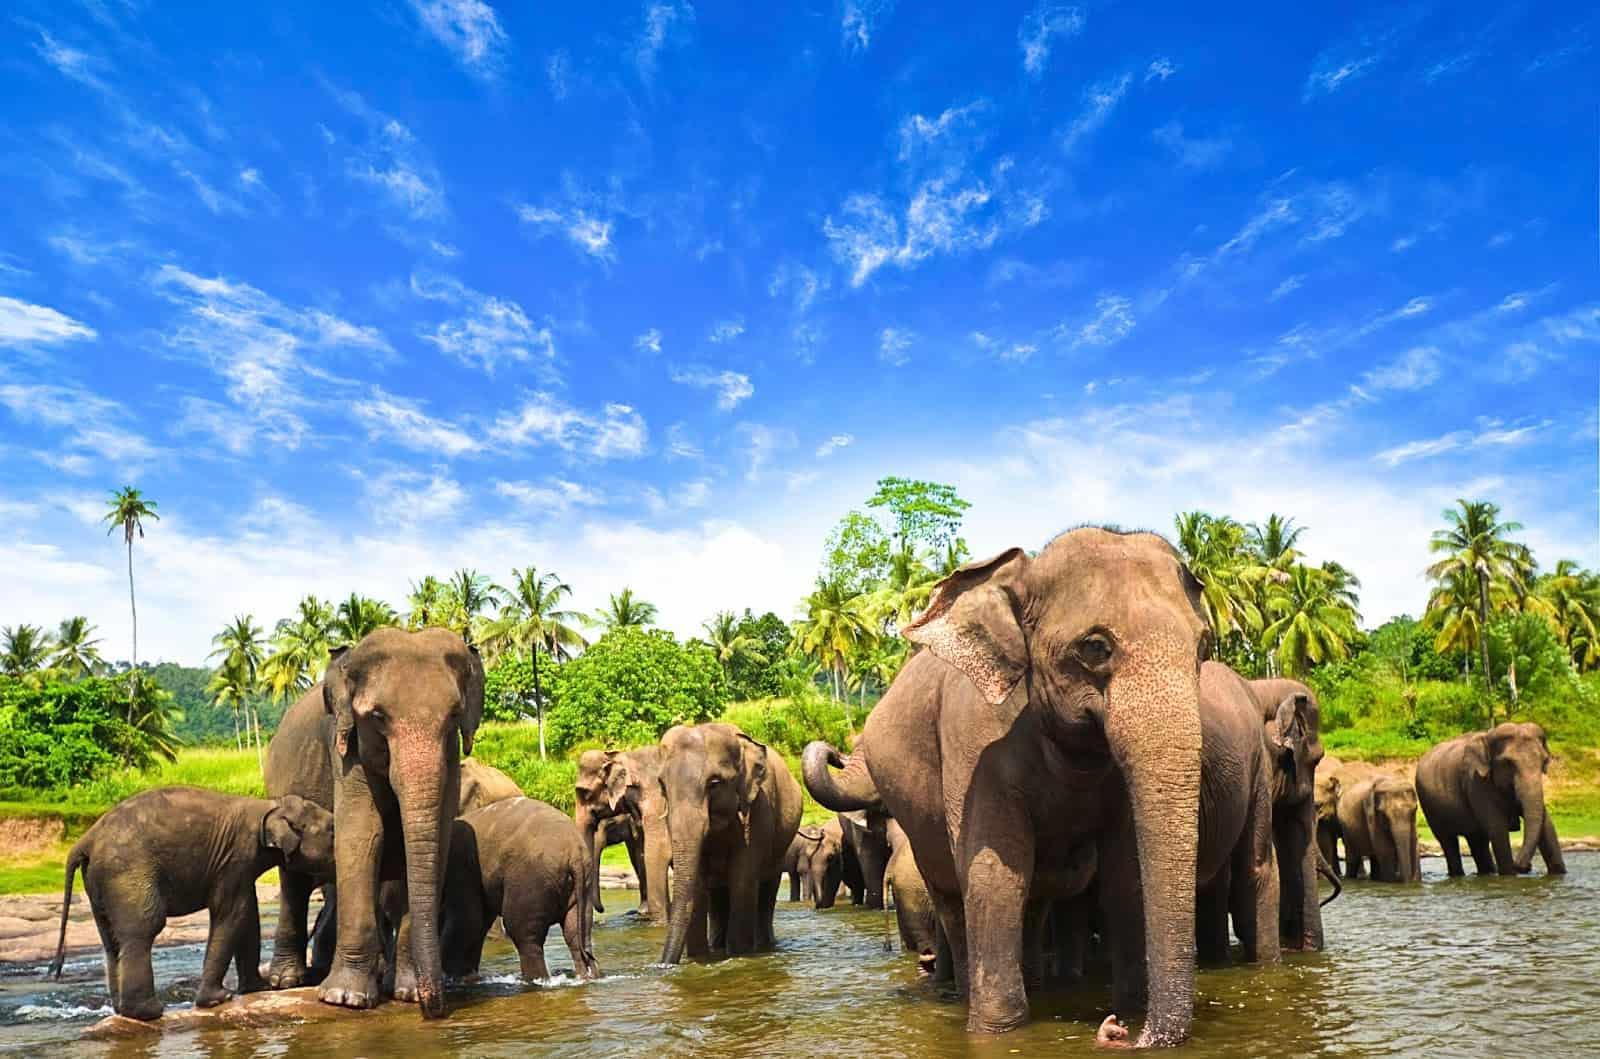 افضل الأماكن السياحية في كولومبو سريلانكا (5)